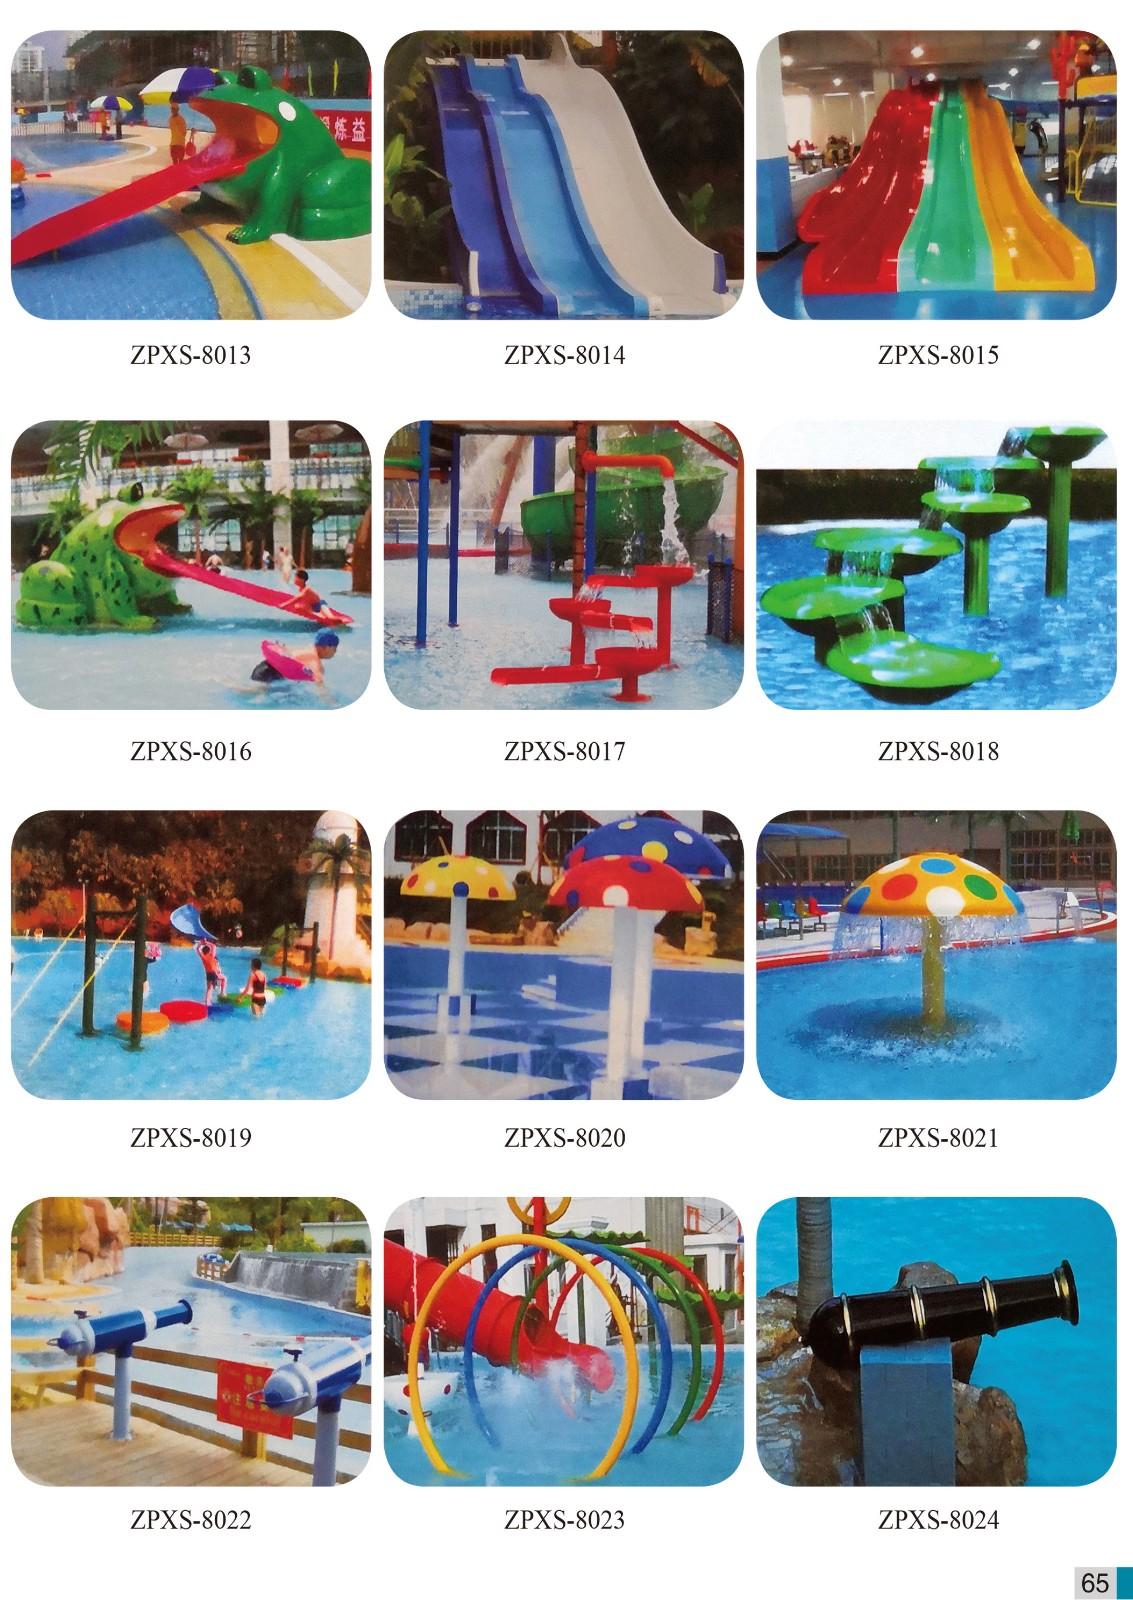 戏水设施|戏水设施-河北智浦体育设备科技有限公司